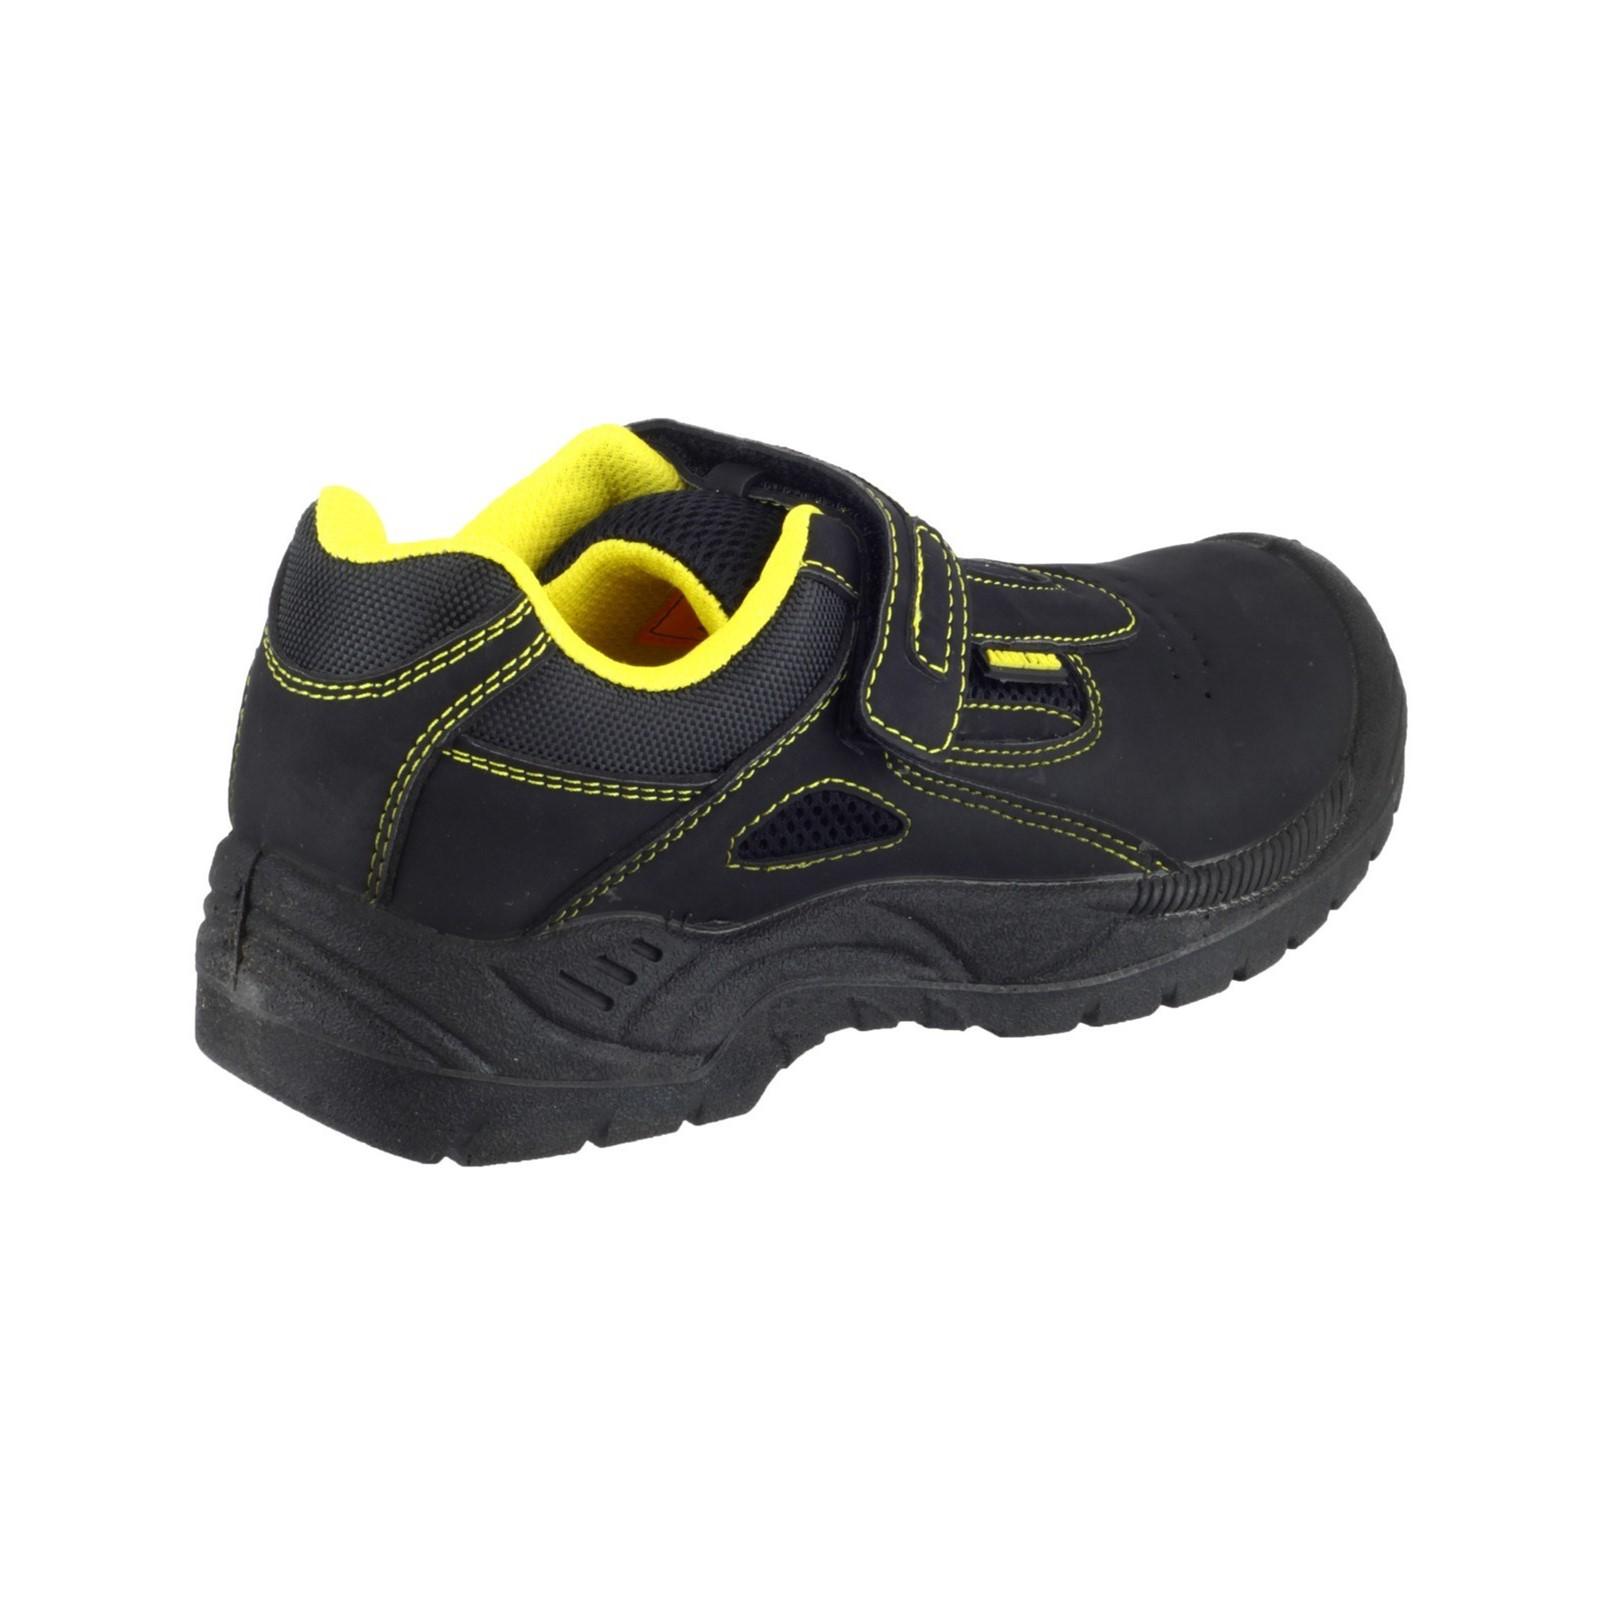 Amblers-Safety-Fs77-Donna-Scarpe-Traspiranti-Chiusura-A-Strappo-Sicurezza-Lavoro